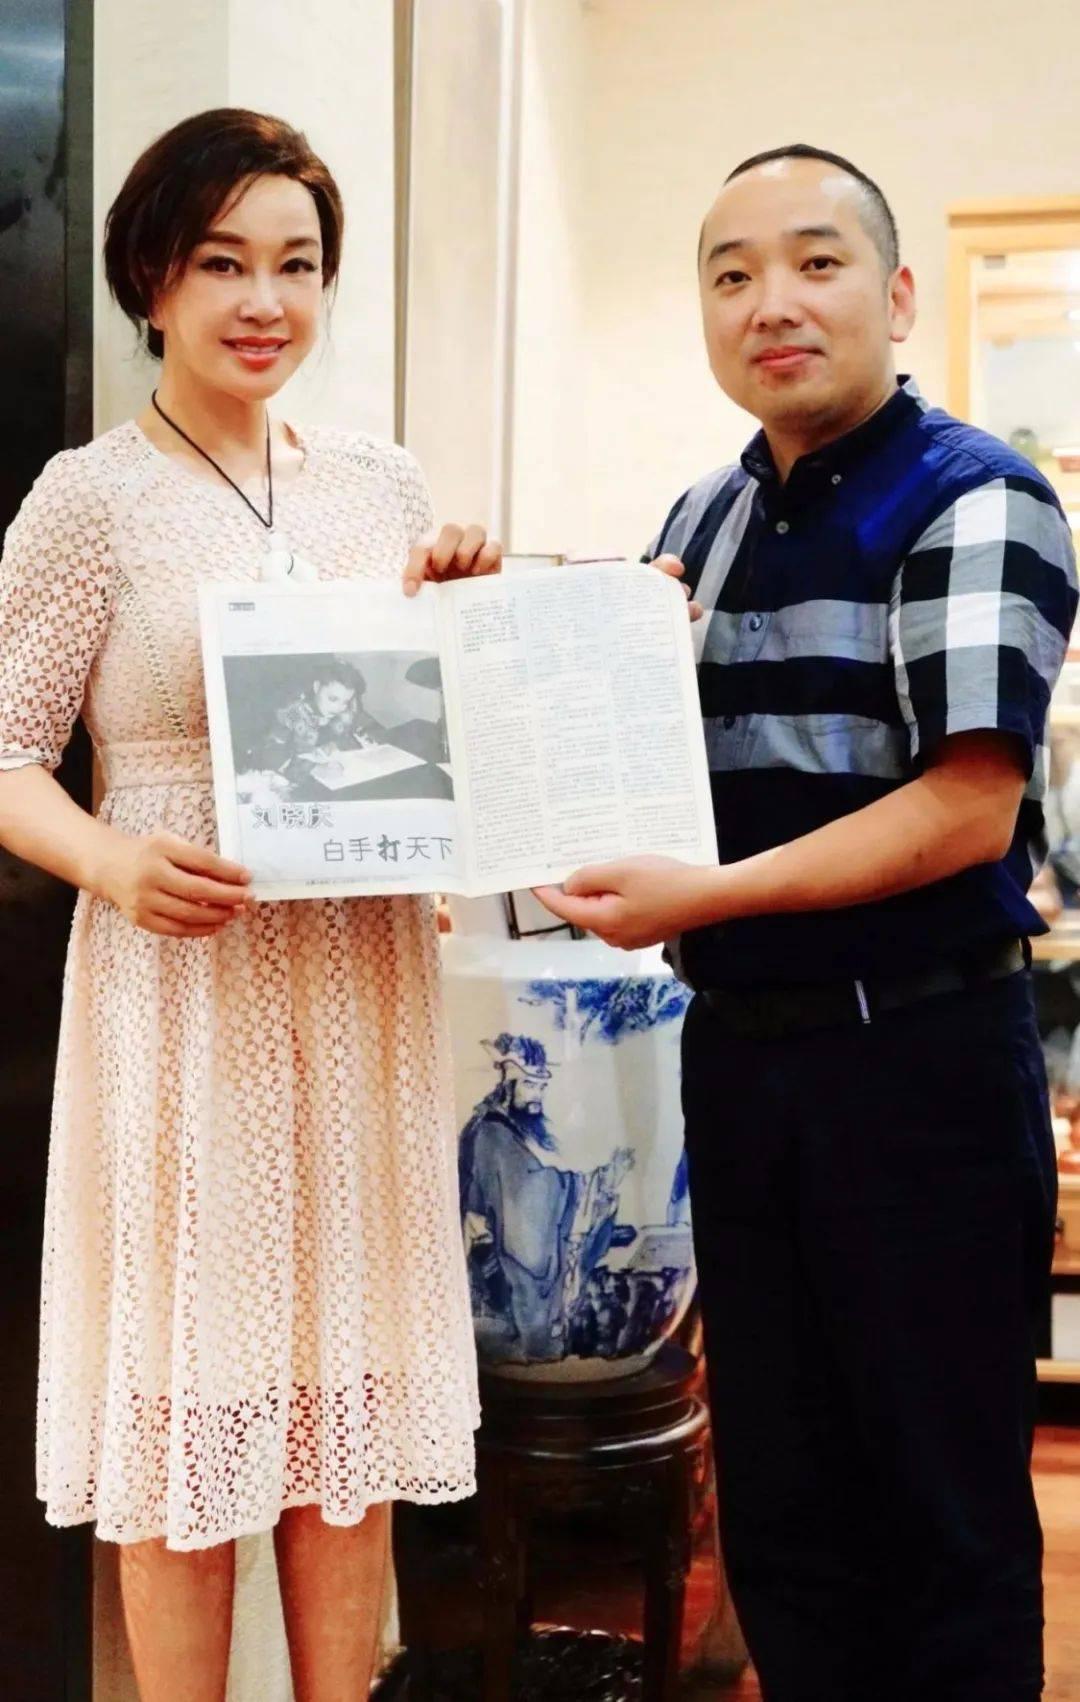 刘晓庆晒合影,脸僵硬做表情都一样,老了就该顺其自然接受衰老!